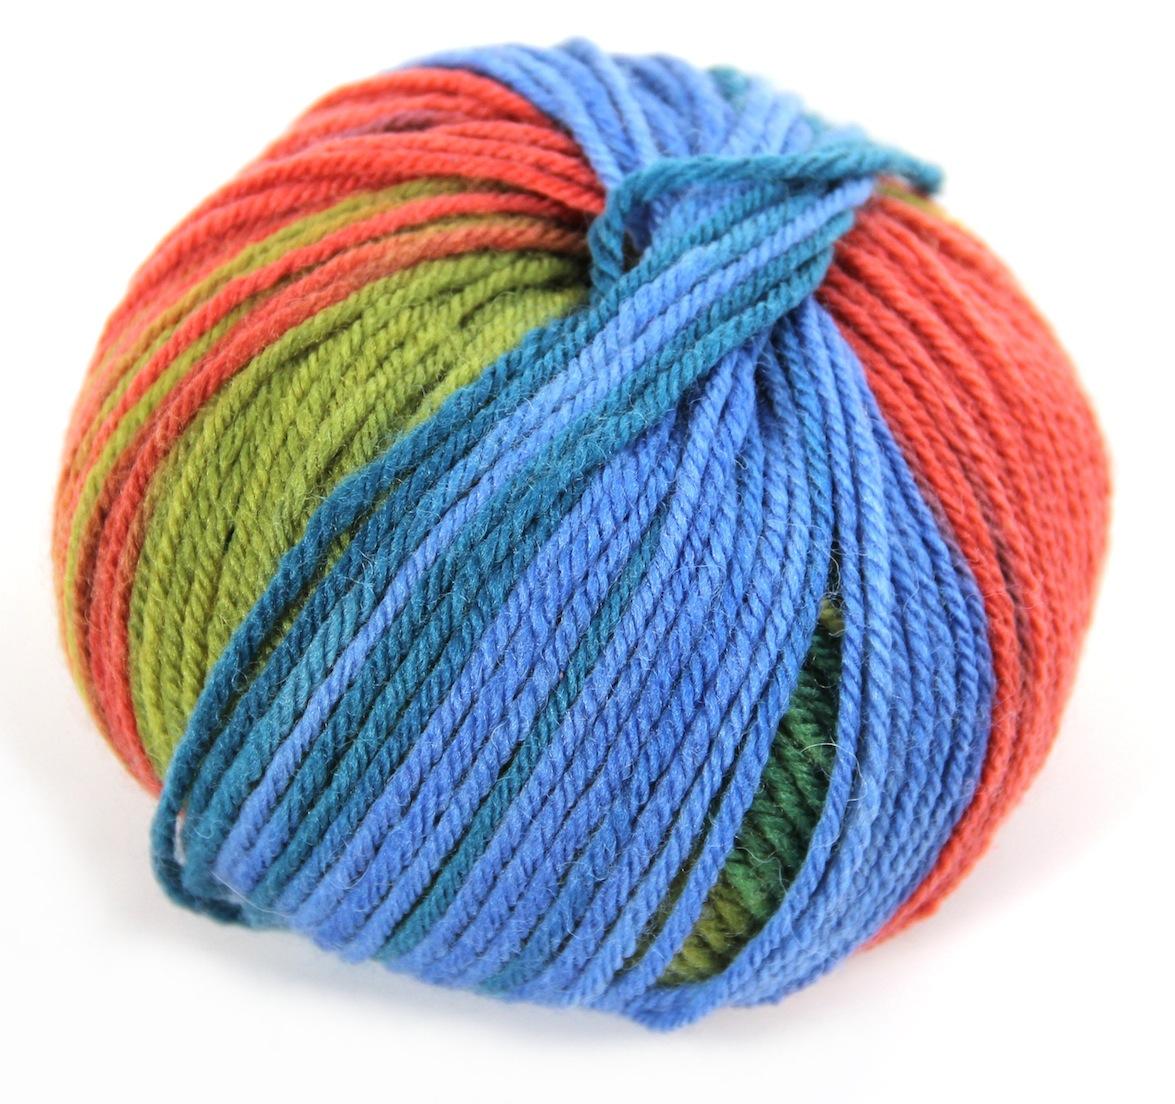 mondayfunday_knit